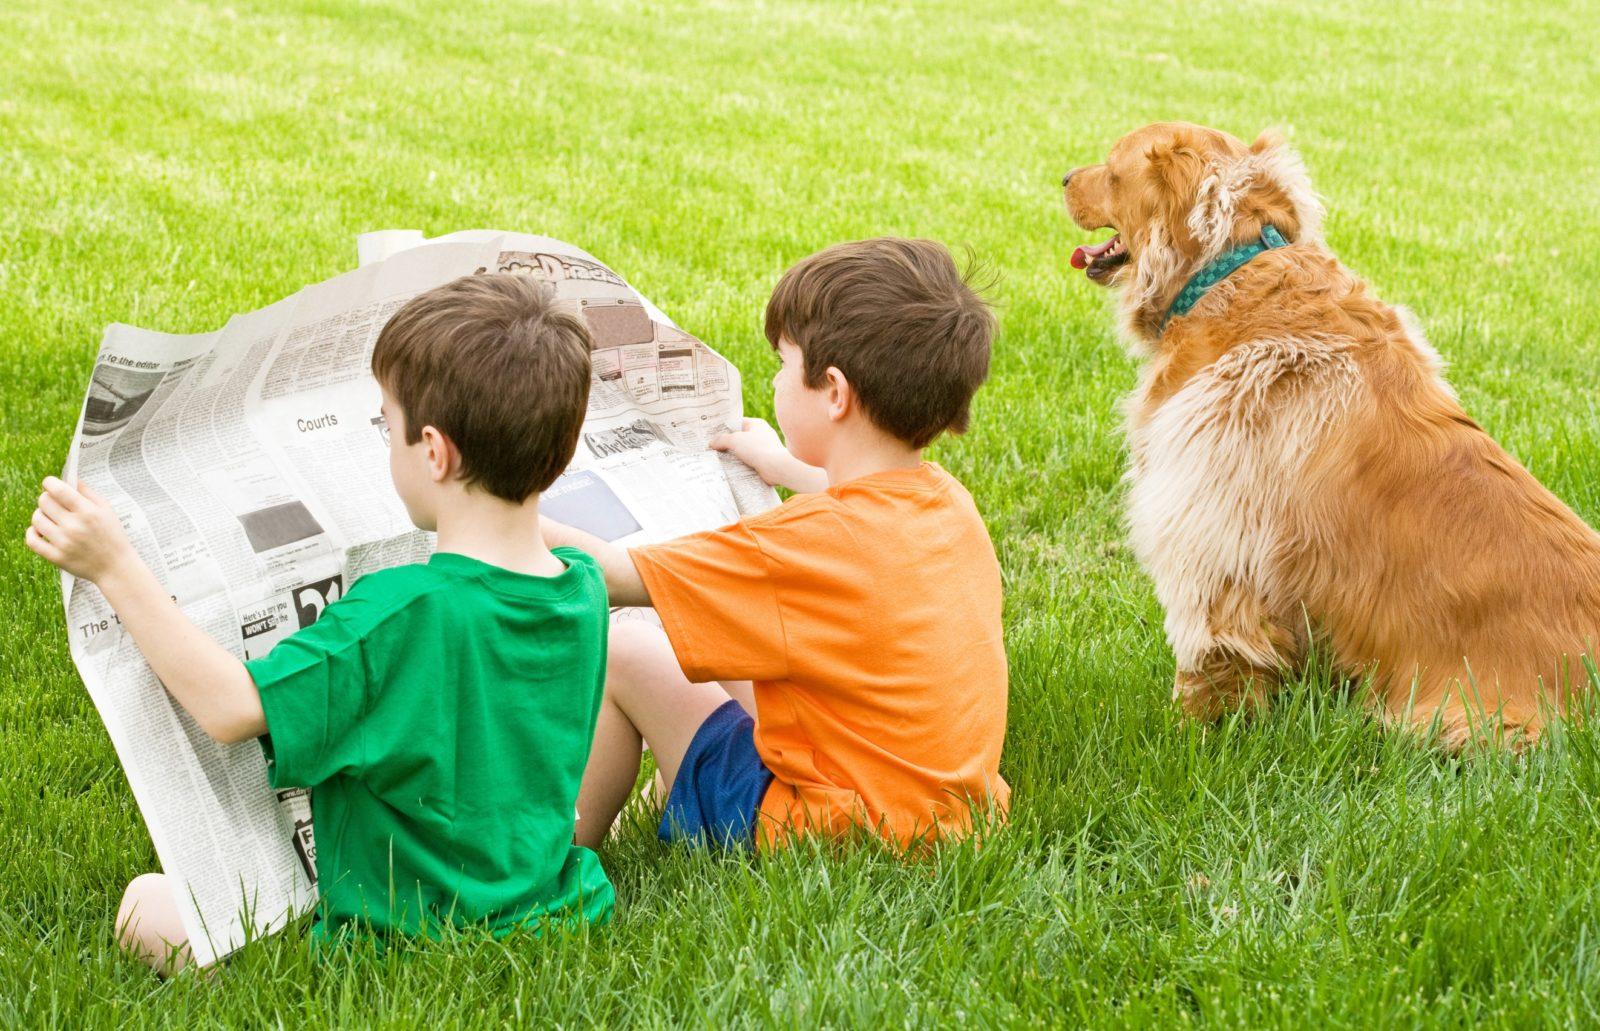 Newspaper Kids and Dog